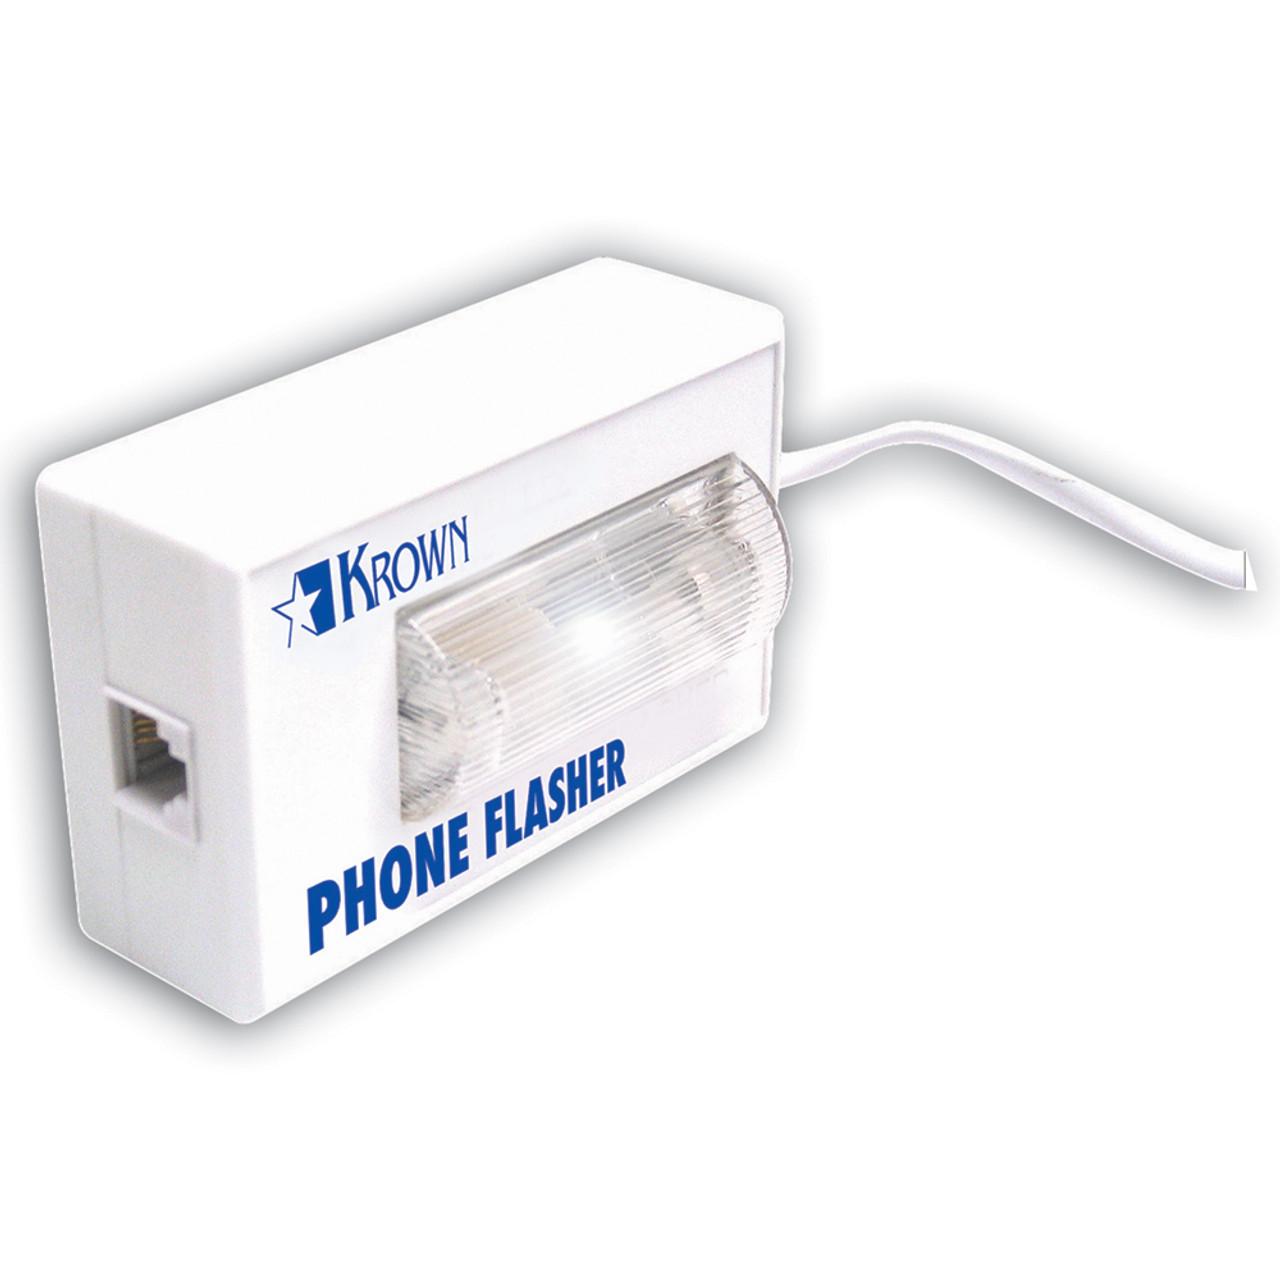 Krown Phone Strobe Flasher